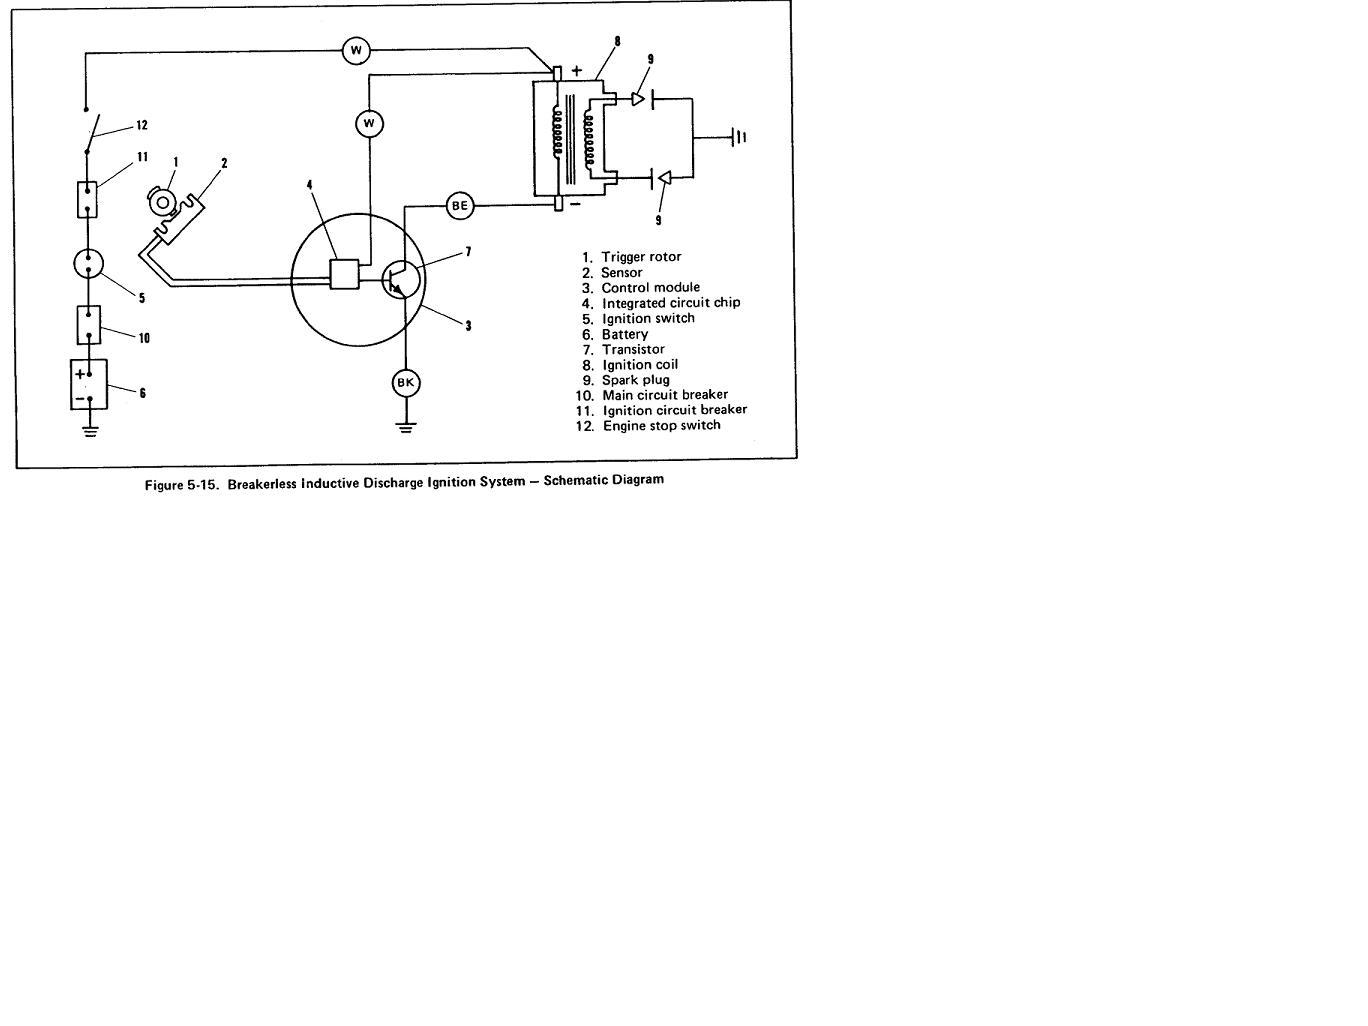 Starter Ignition Wiring Diagram Chopper Schematics Data John Deere Gator Harley Davidson Ironhead Engine Cylinder Head Repair Odicis